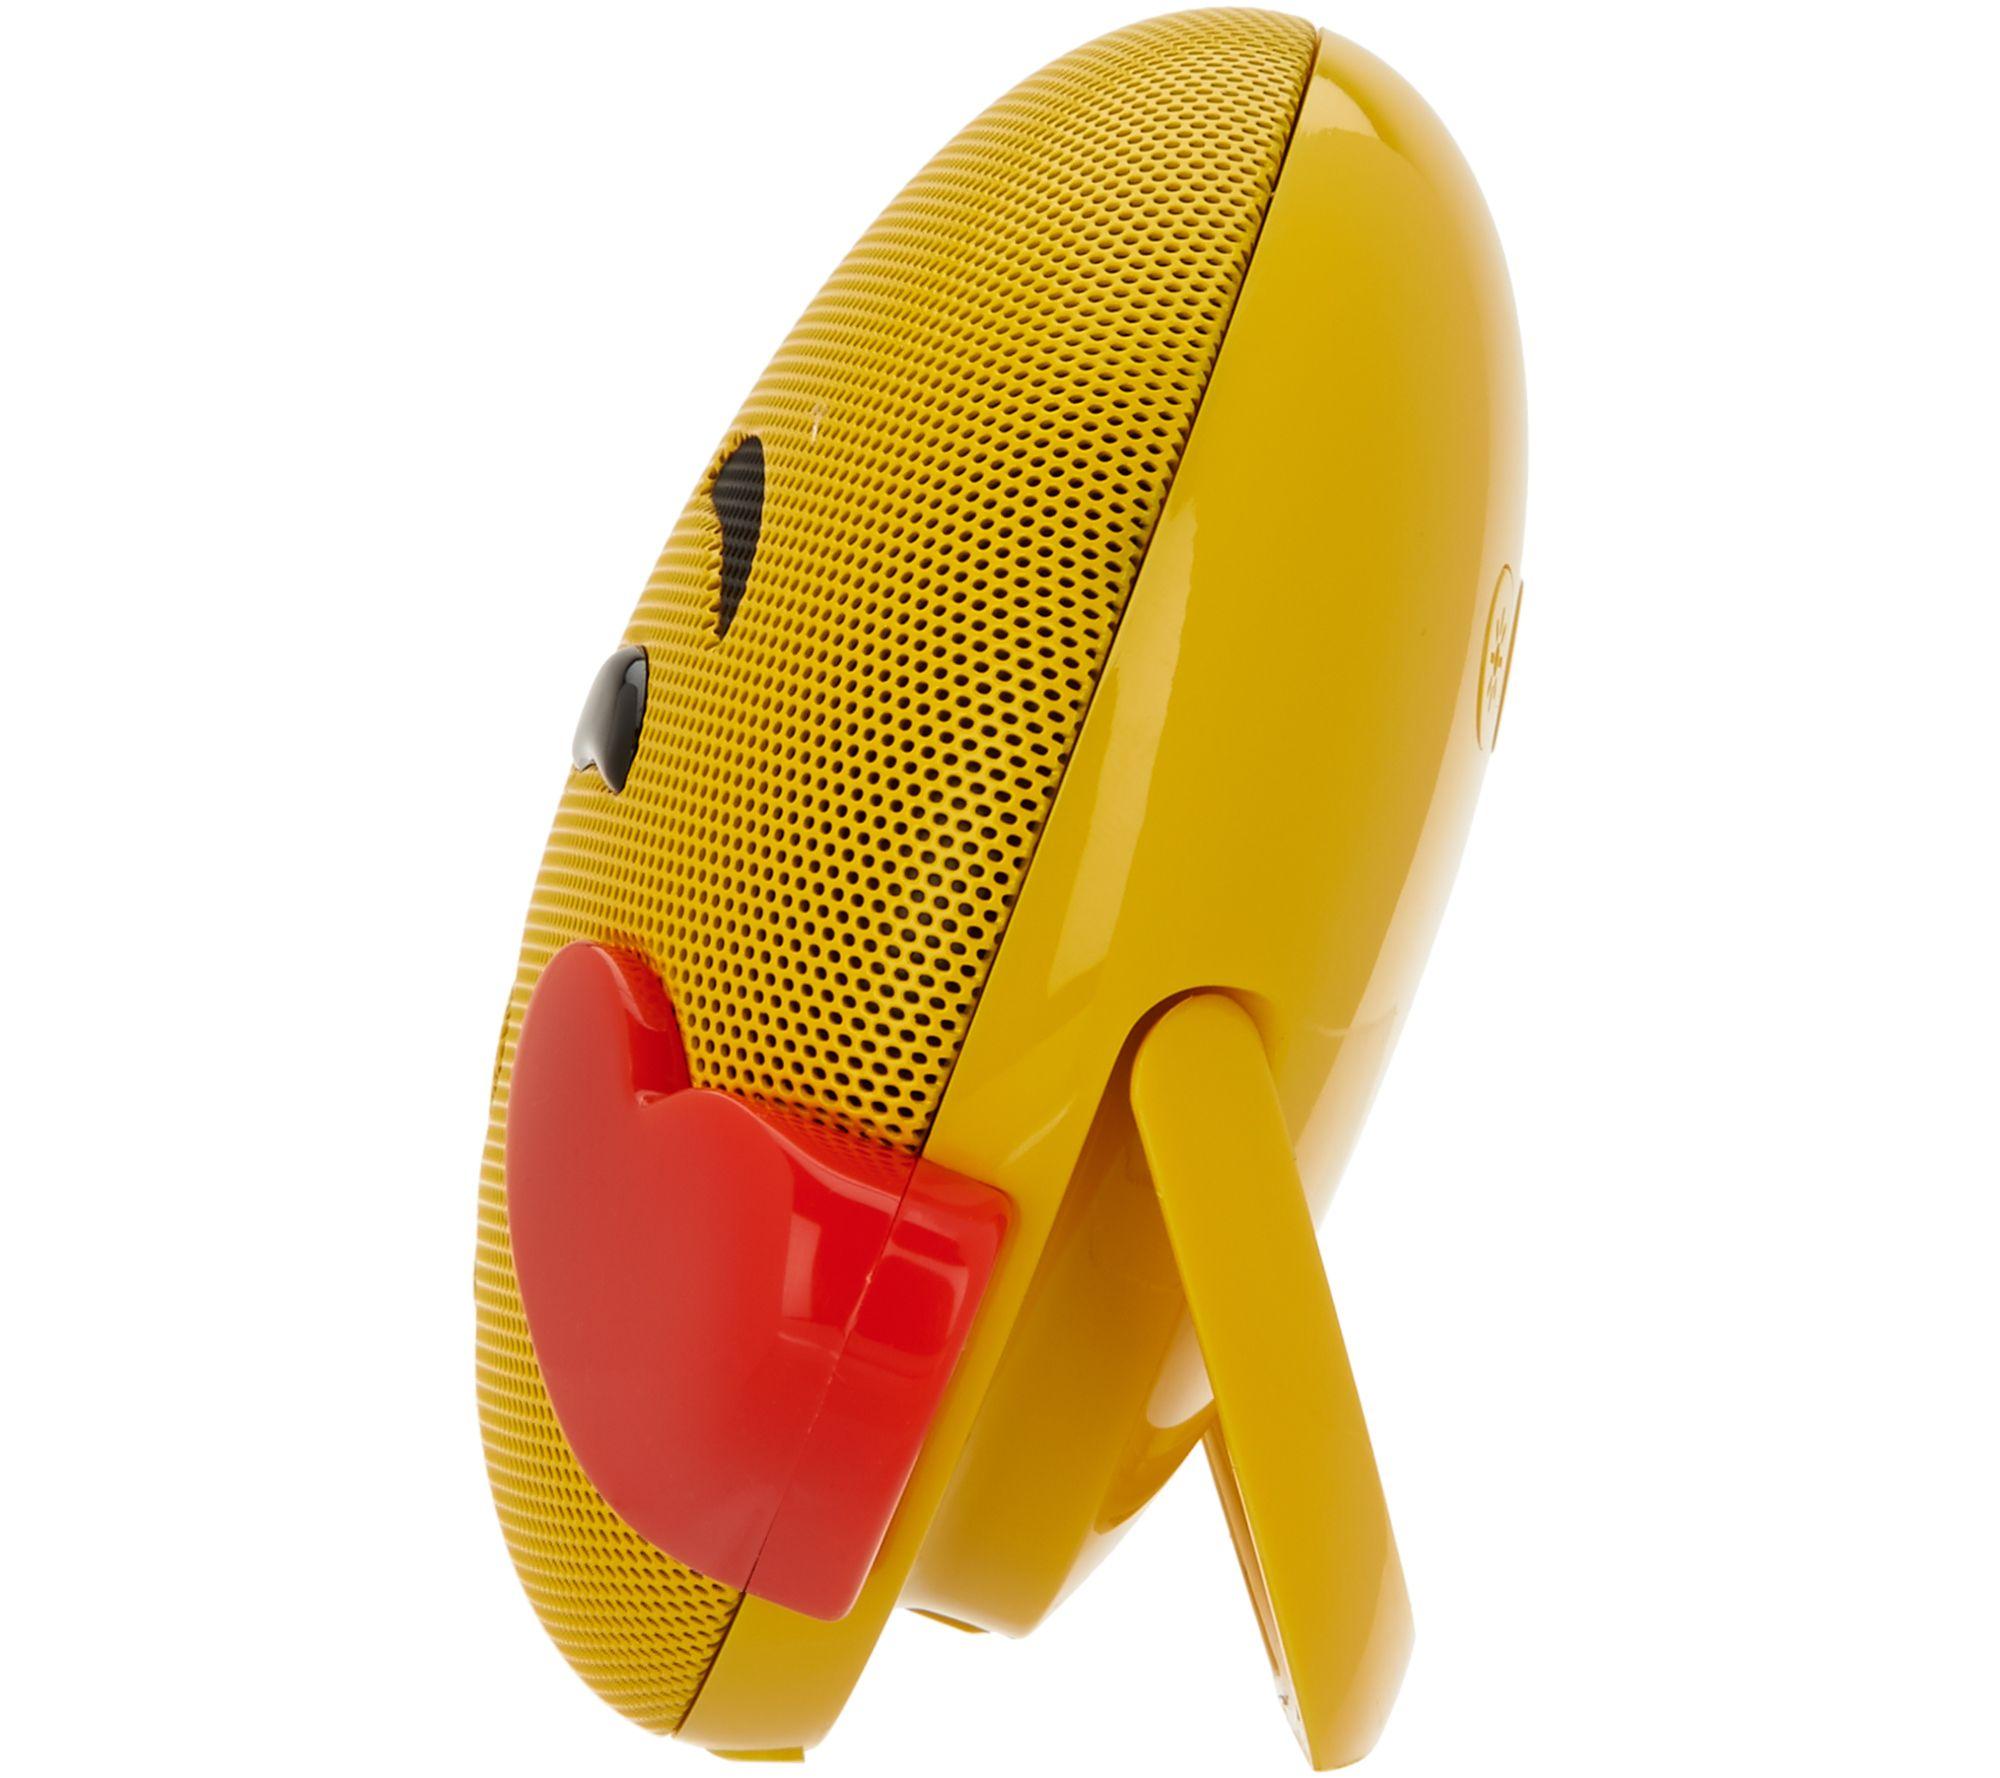 JAMOJI Bluetooth Wireless Emoji Speaker With LED Lights